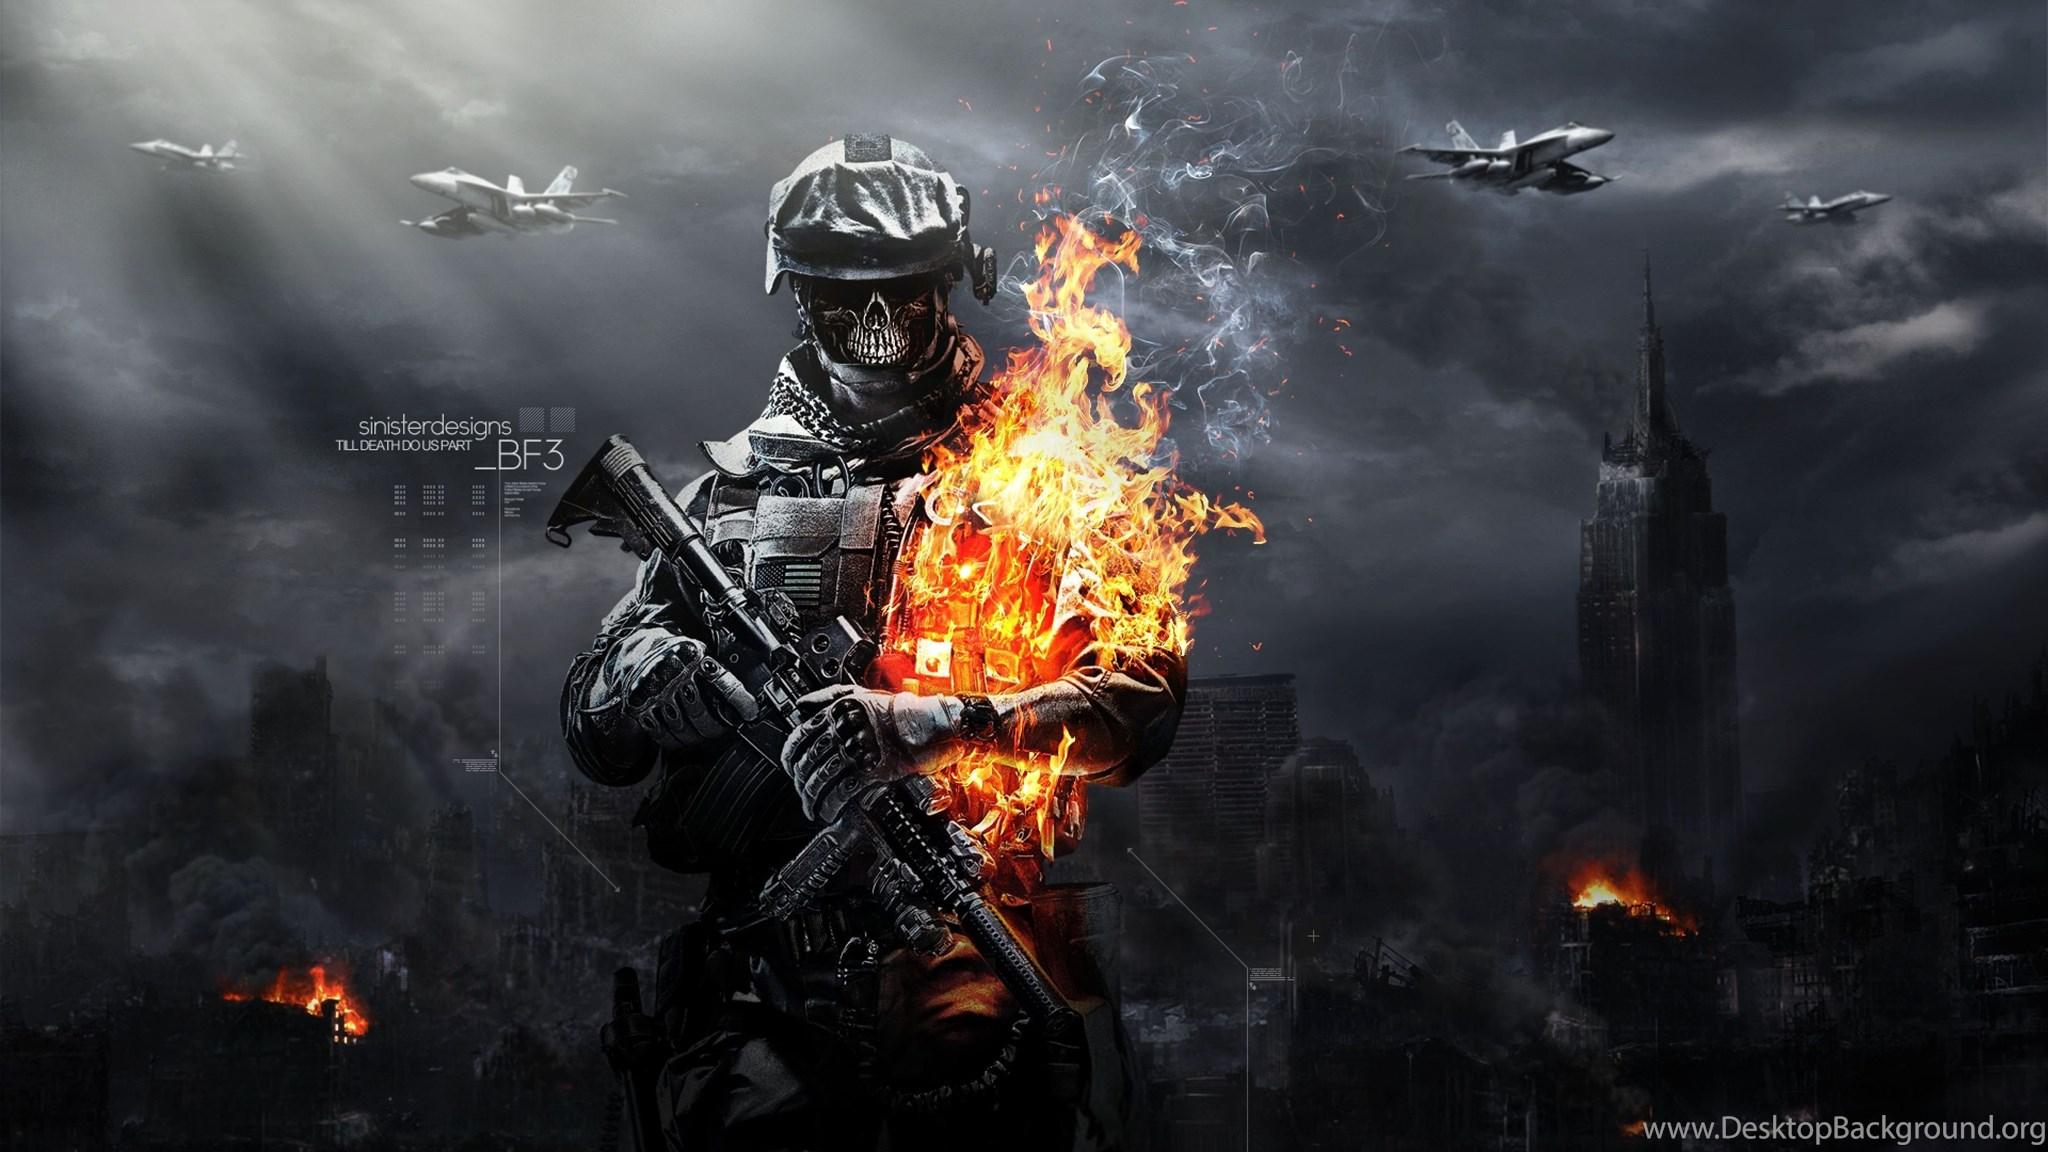 Download Hd Battlefield 3 Skull Fire Gun Ammunition Wallpapers